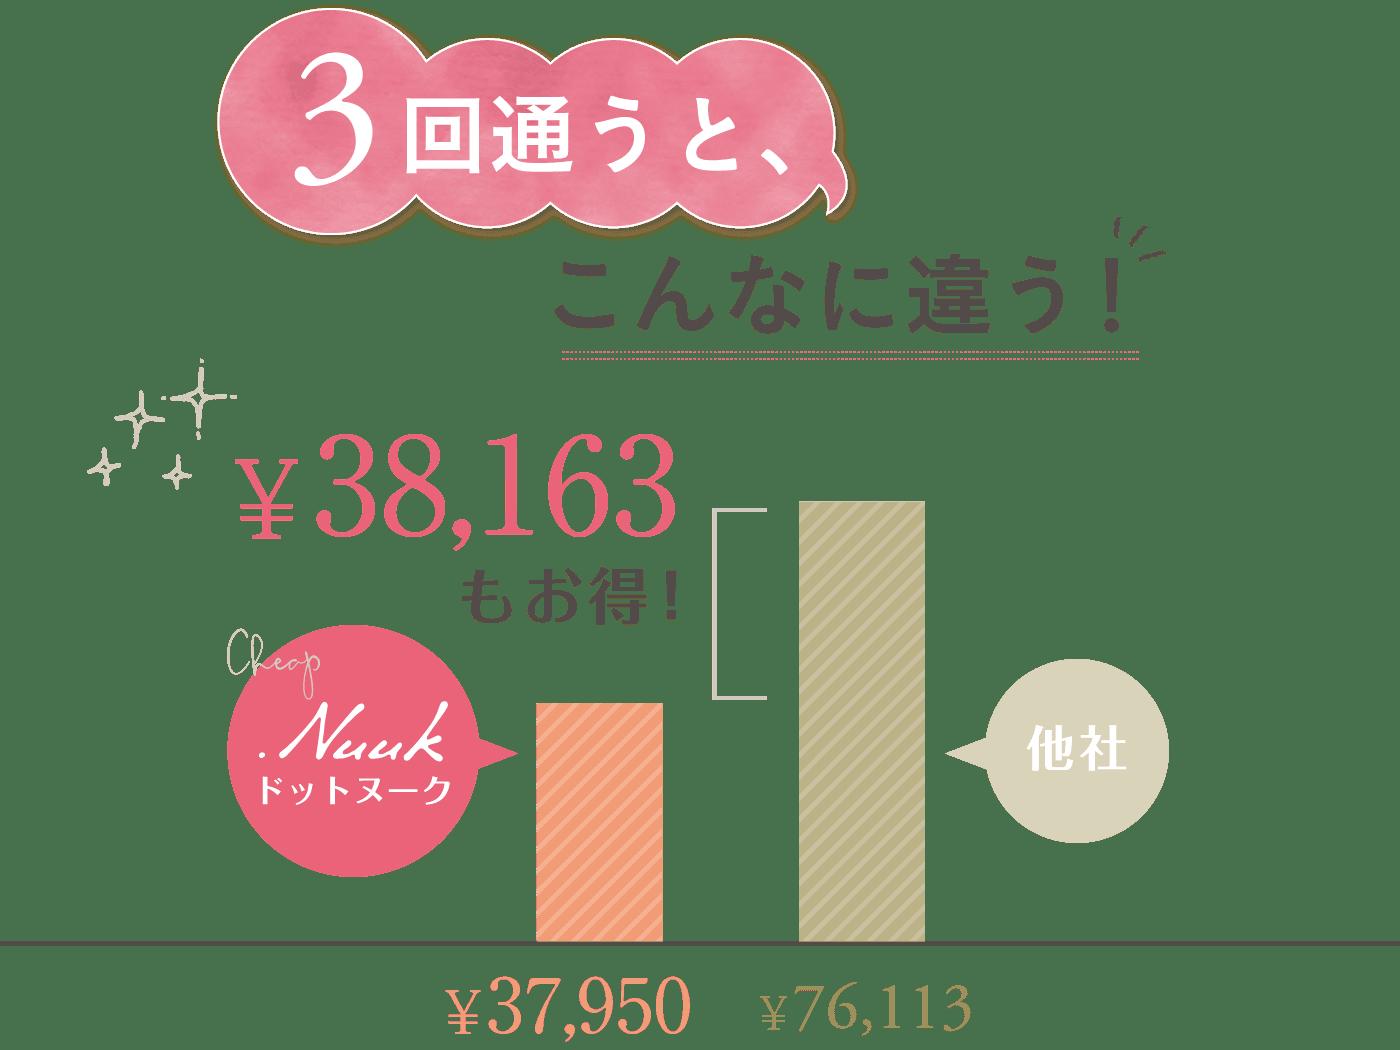 他社と比較するとドットヌークの脱毛は3回通うと¥38,163もお得!